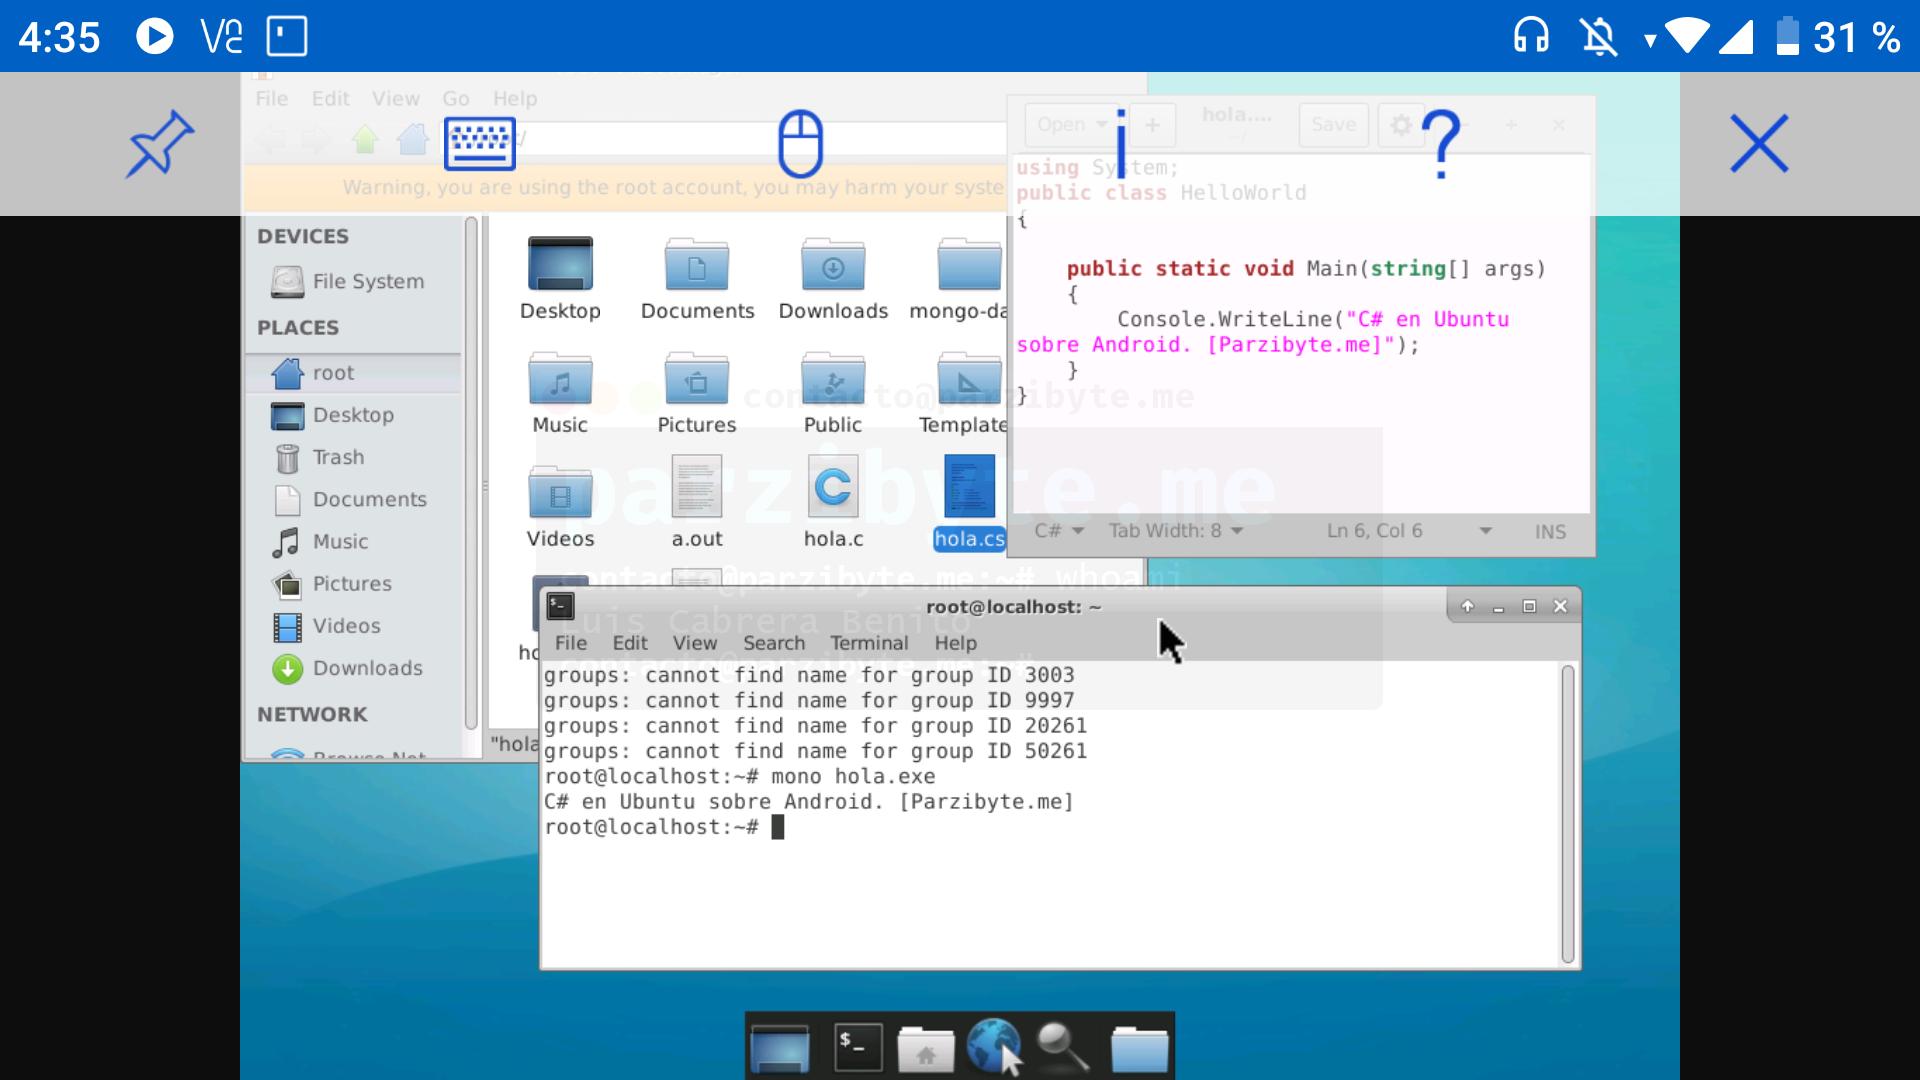 Escritorio xfce4 en Ubuntu sobre Android - VNC Android